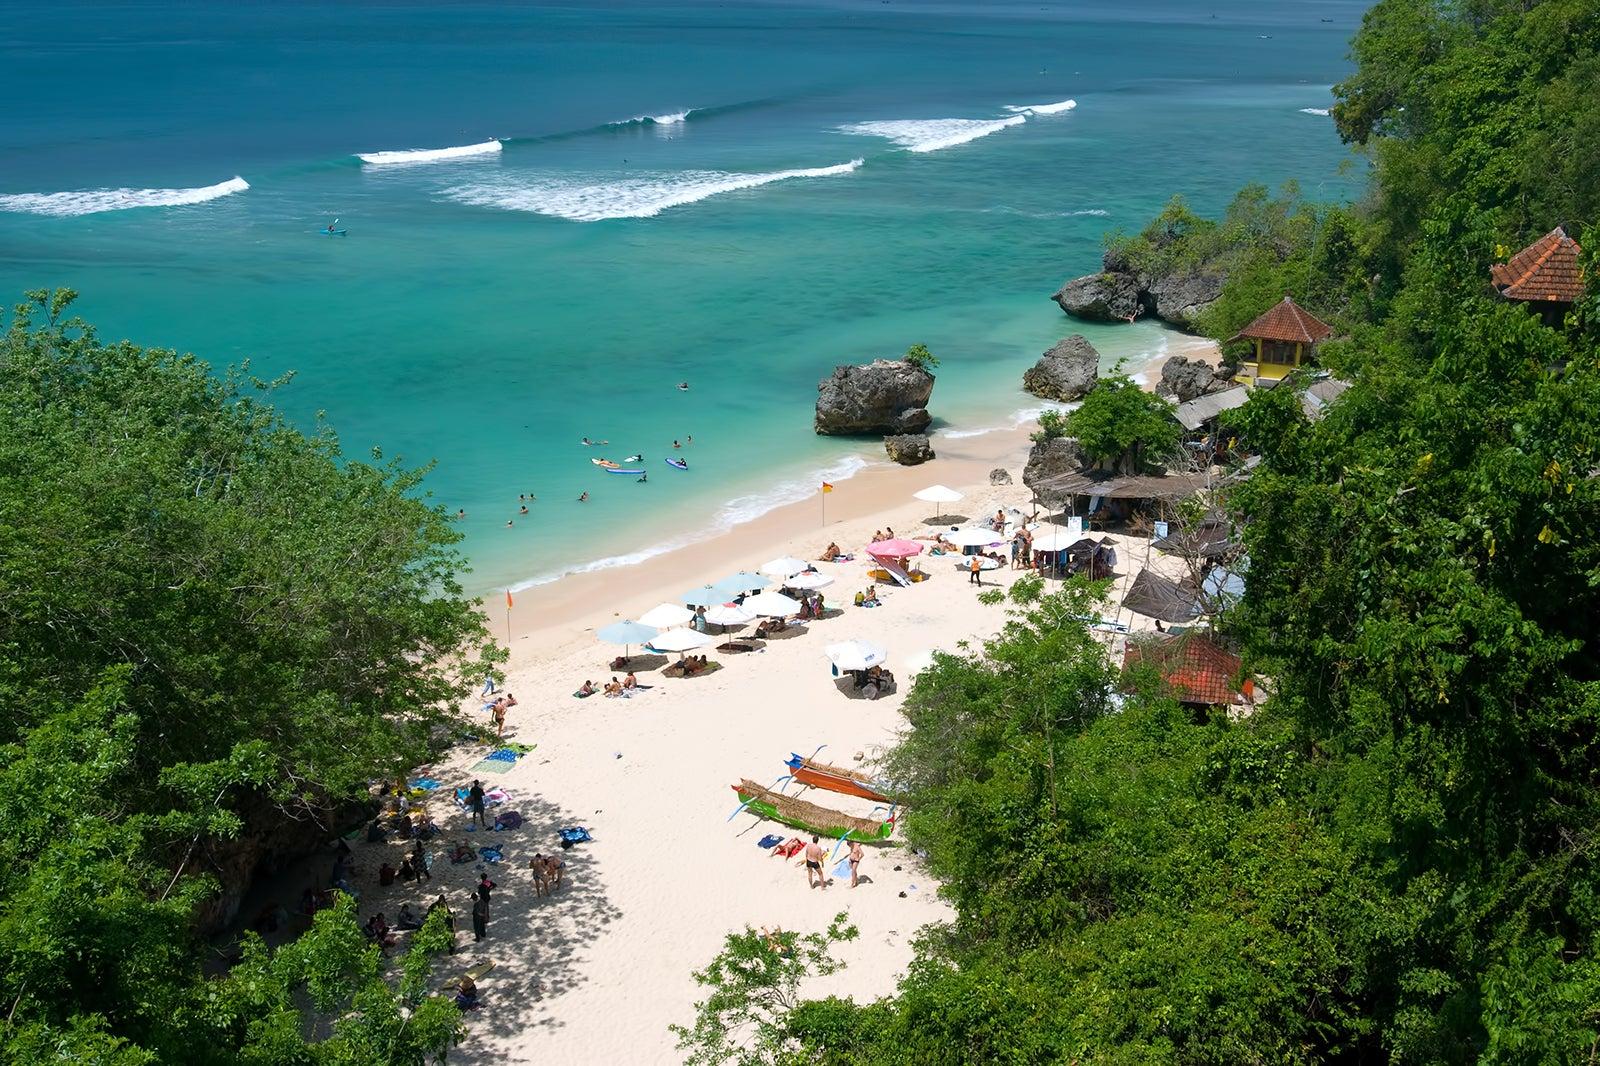 6799ef9f 3c68 487b bb91 757018ee525a - Rekomendasi Tempat Wisata Padang yang Mendunia